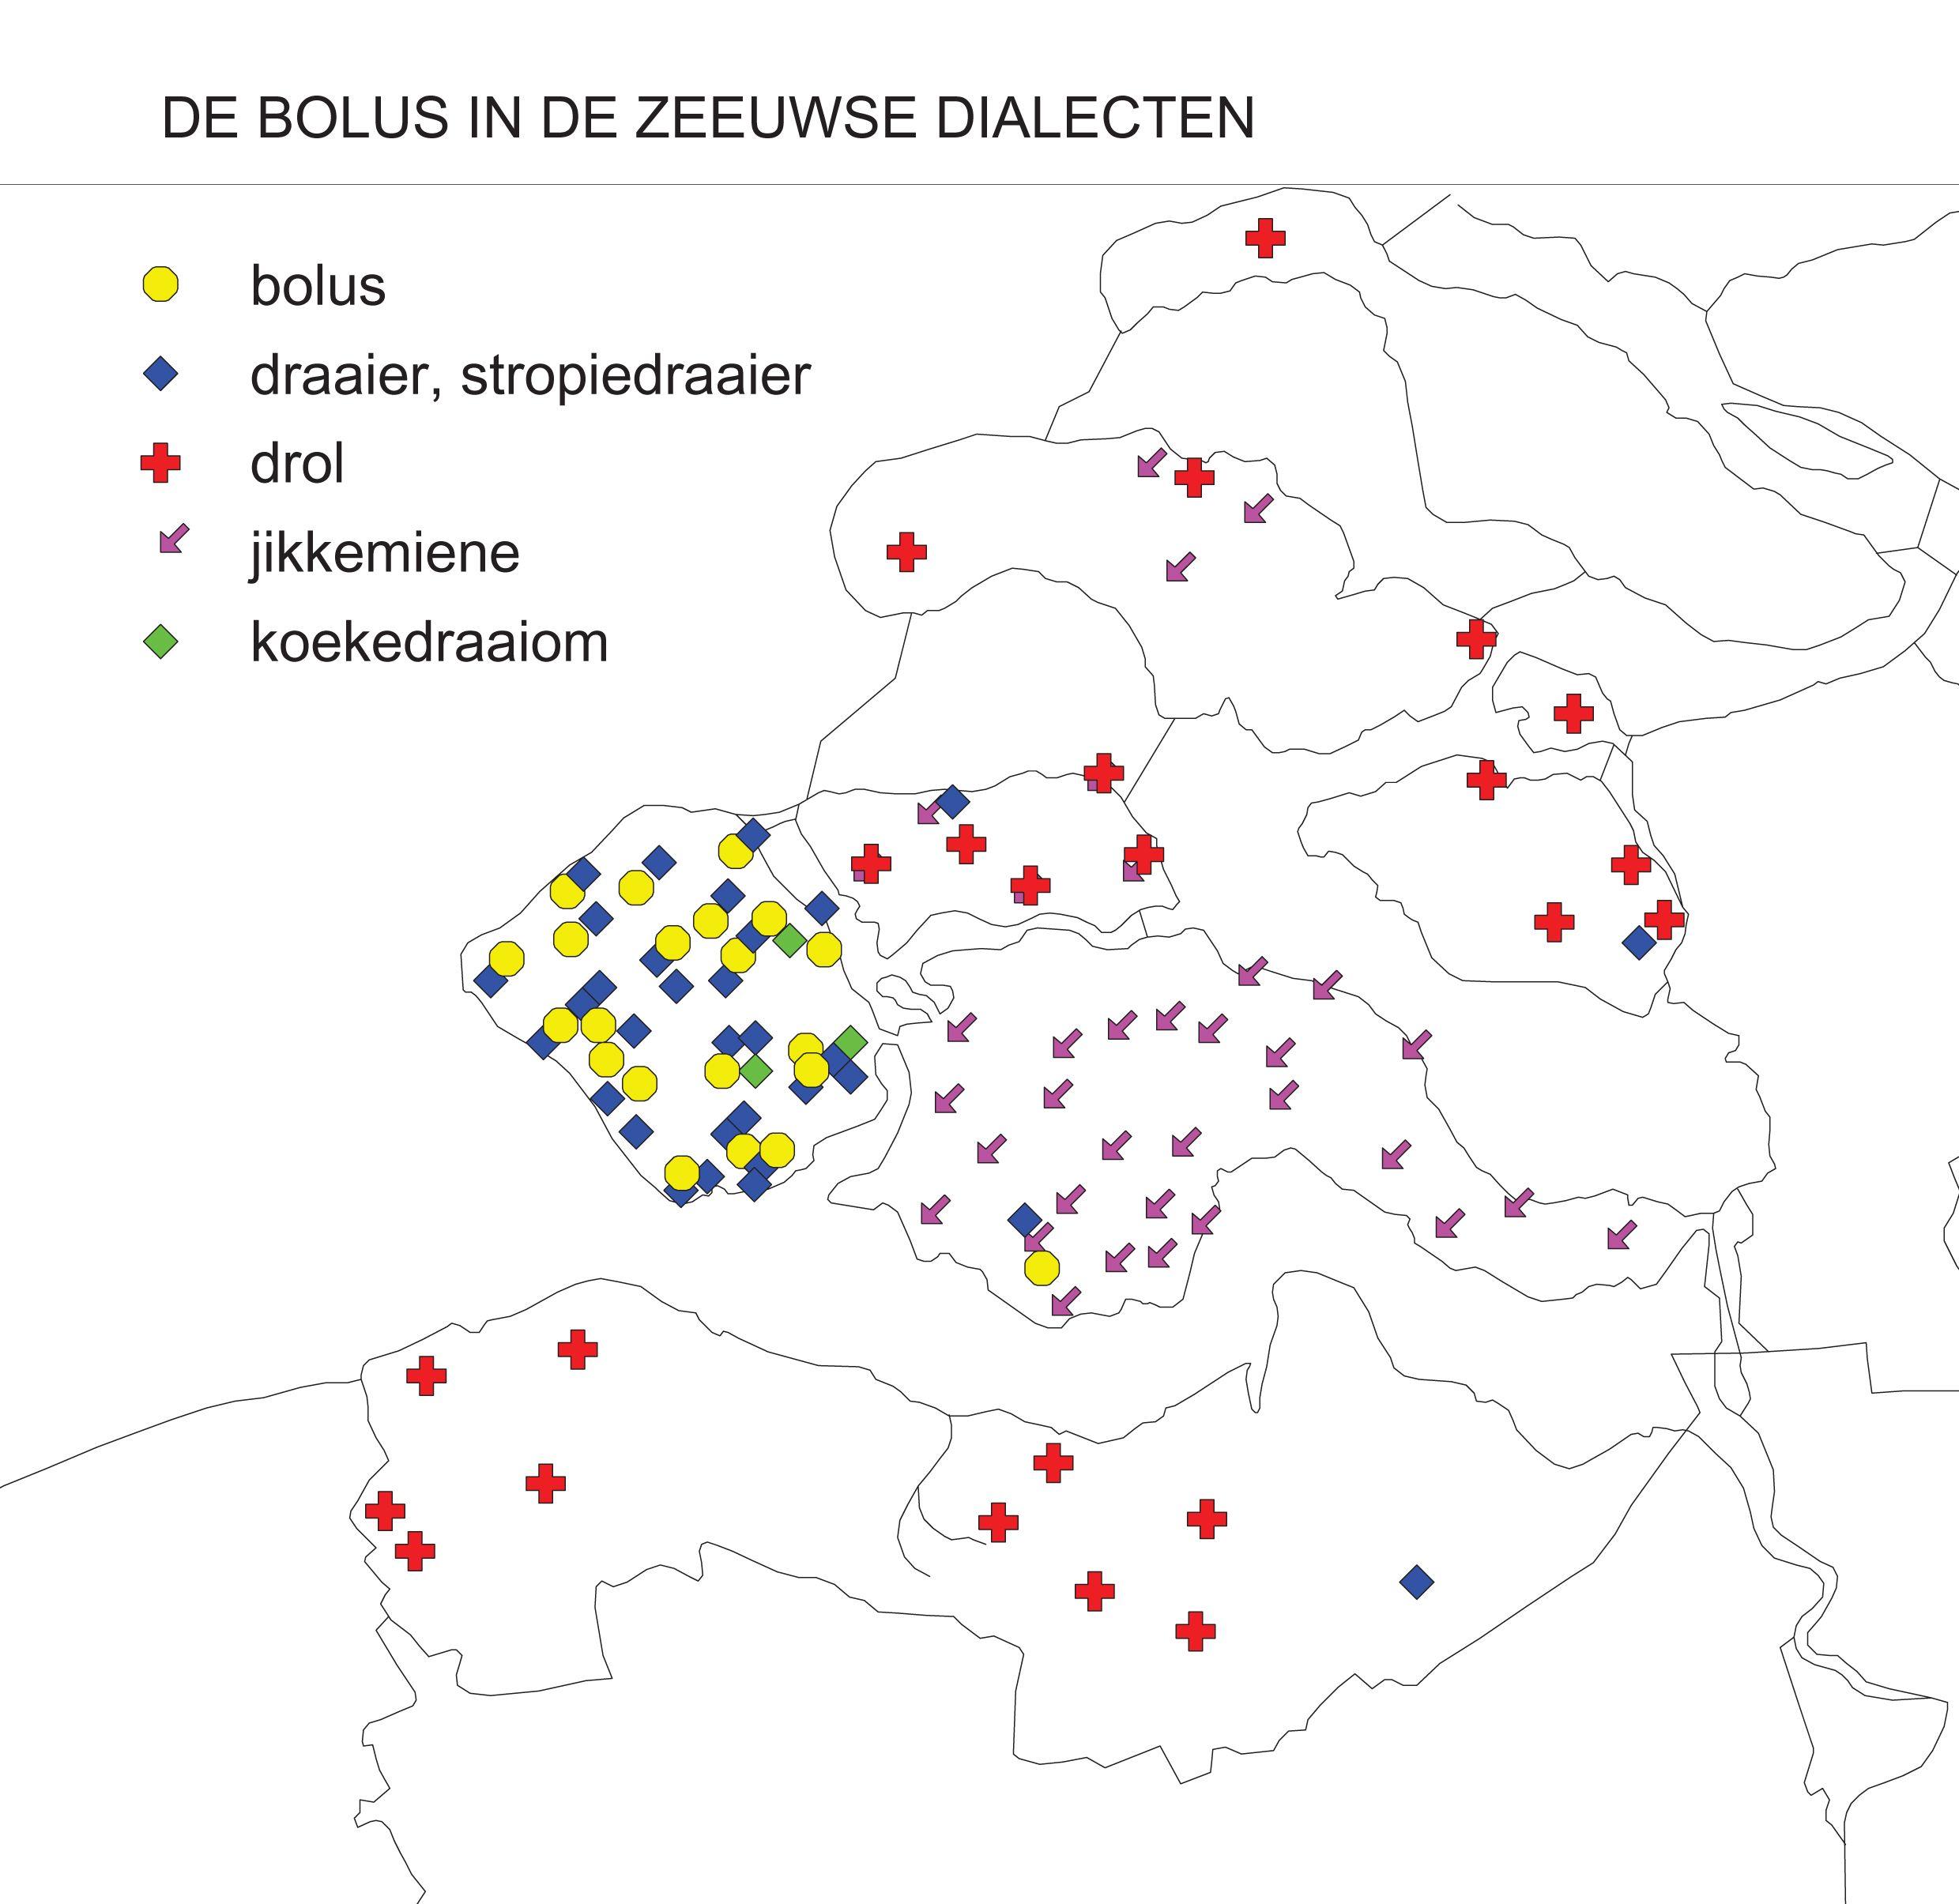 Verspreiding van de Zeeuwse dialectwoorden voor de bolus op basis van gegevens uit het Woordenboek der Zeeuwse Dialecten. (SCEZ/Vakgroep Taalkunde, afdeling Nederlands (UGent))